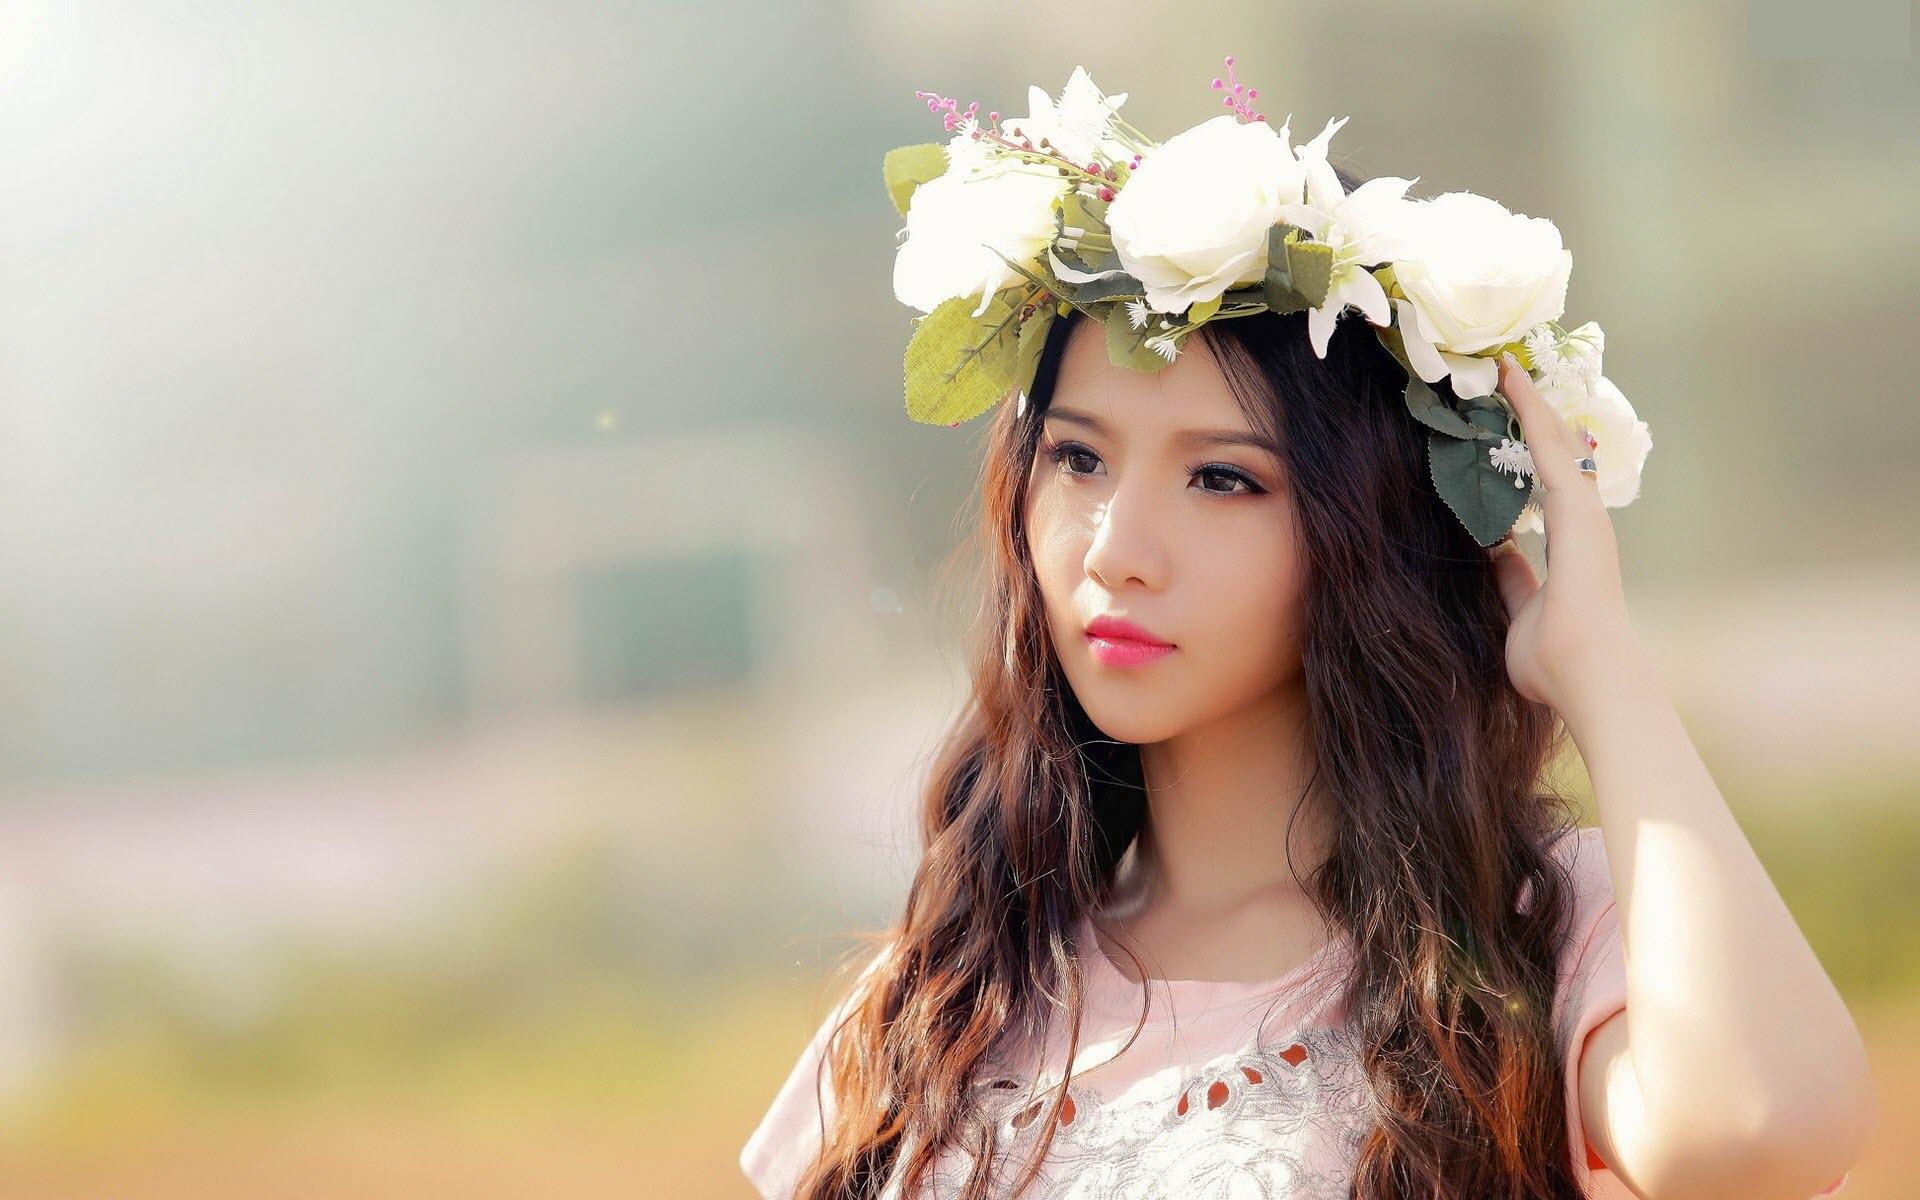 Ảnh gái đẹp Hàn Quốc